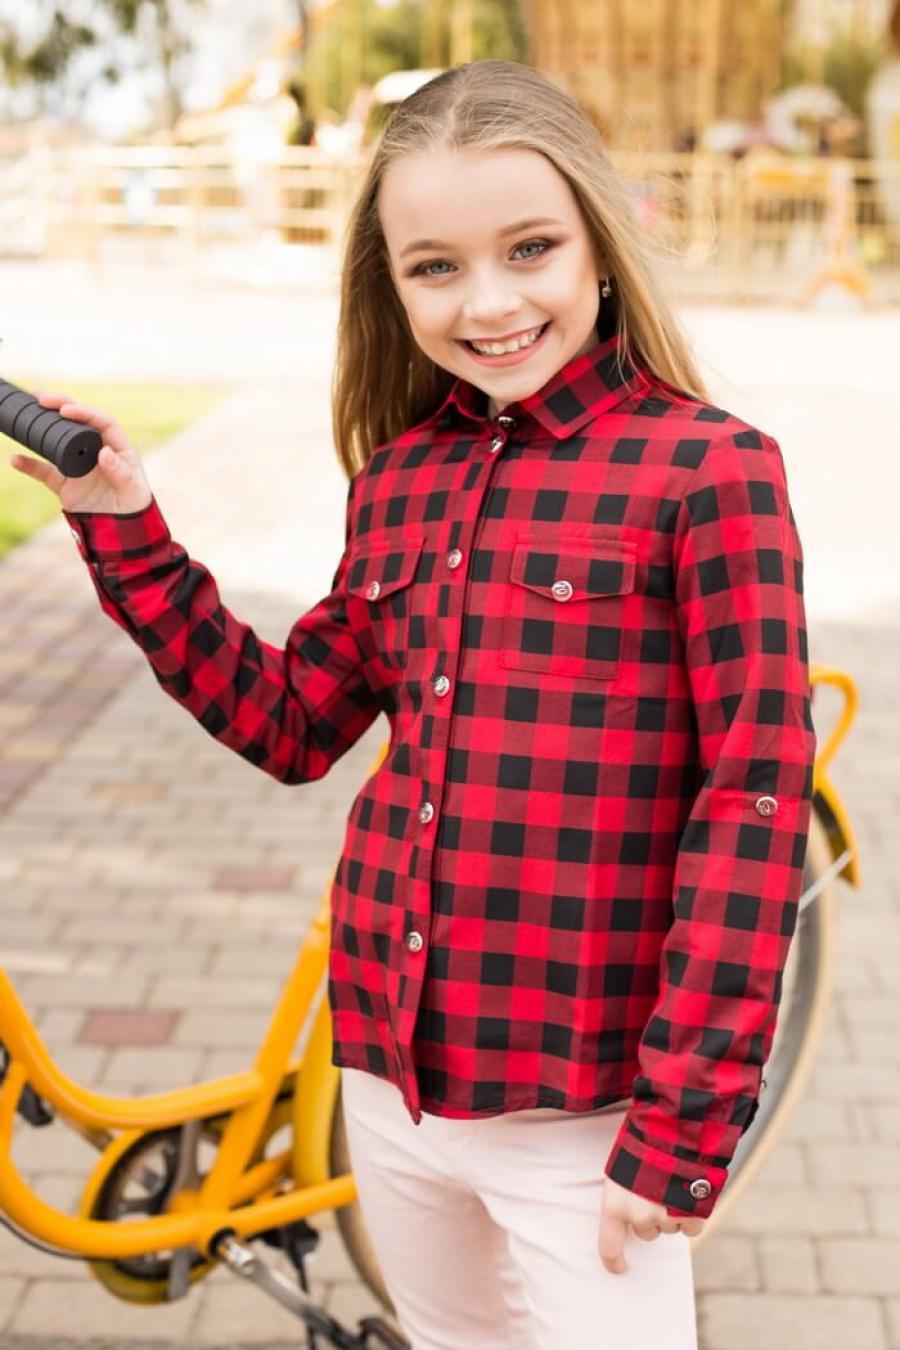 Помощь при выборе рубашек: как угодить юной моднице